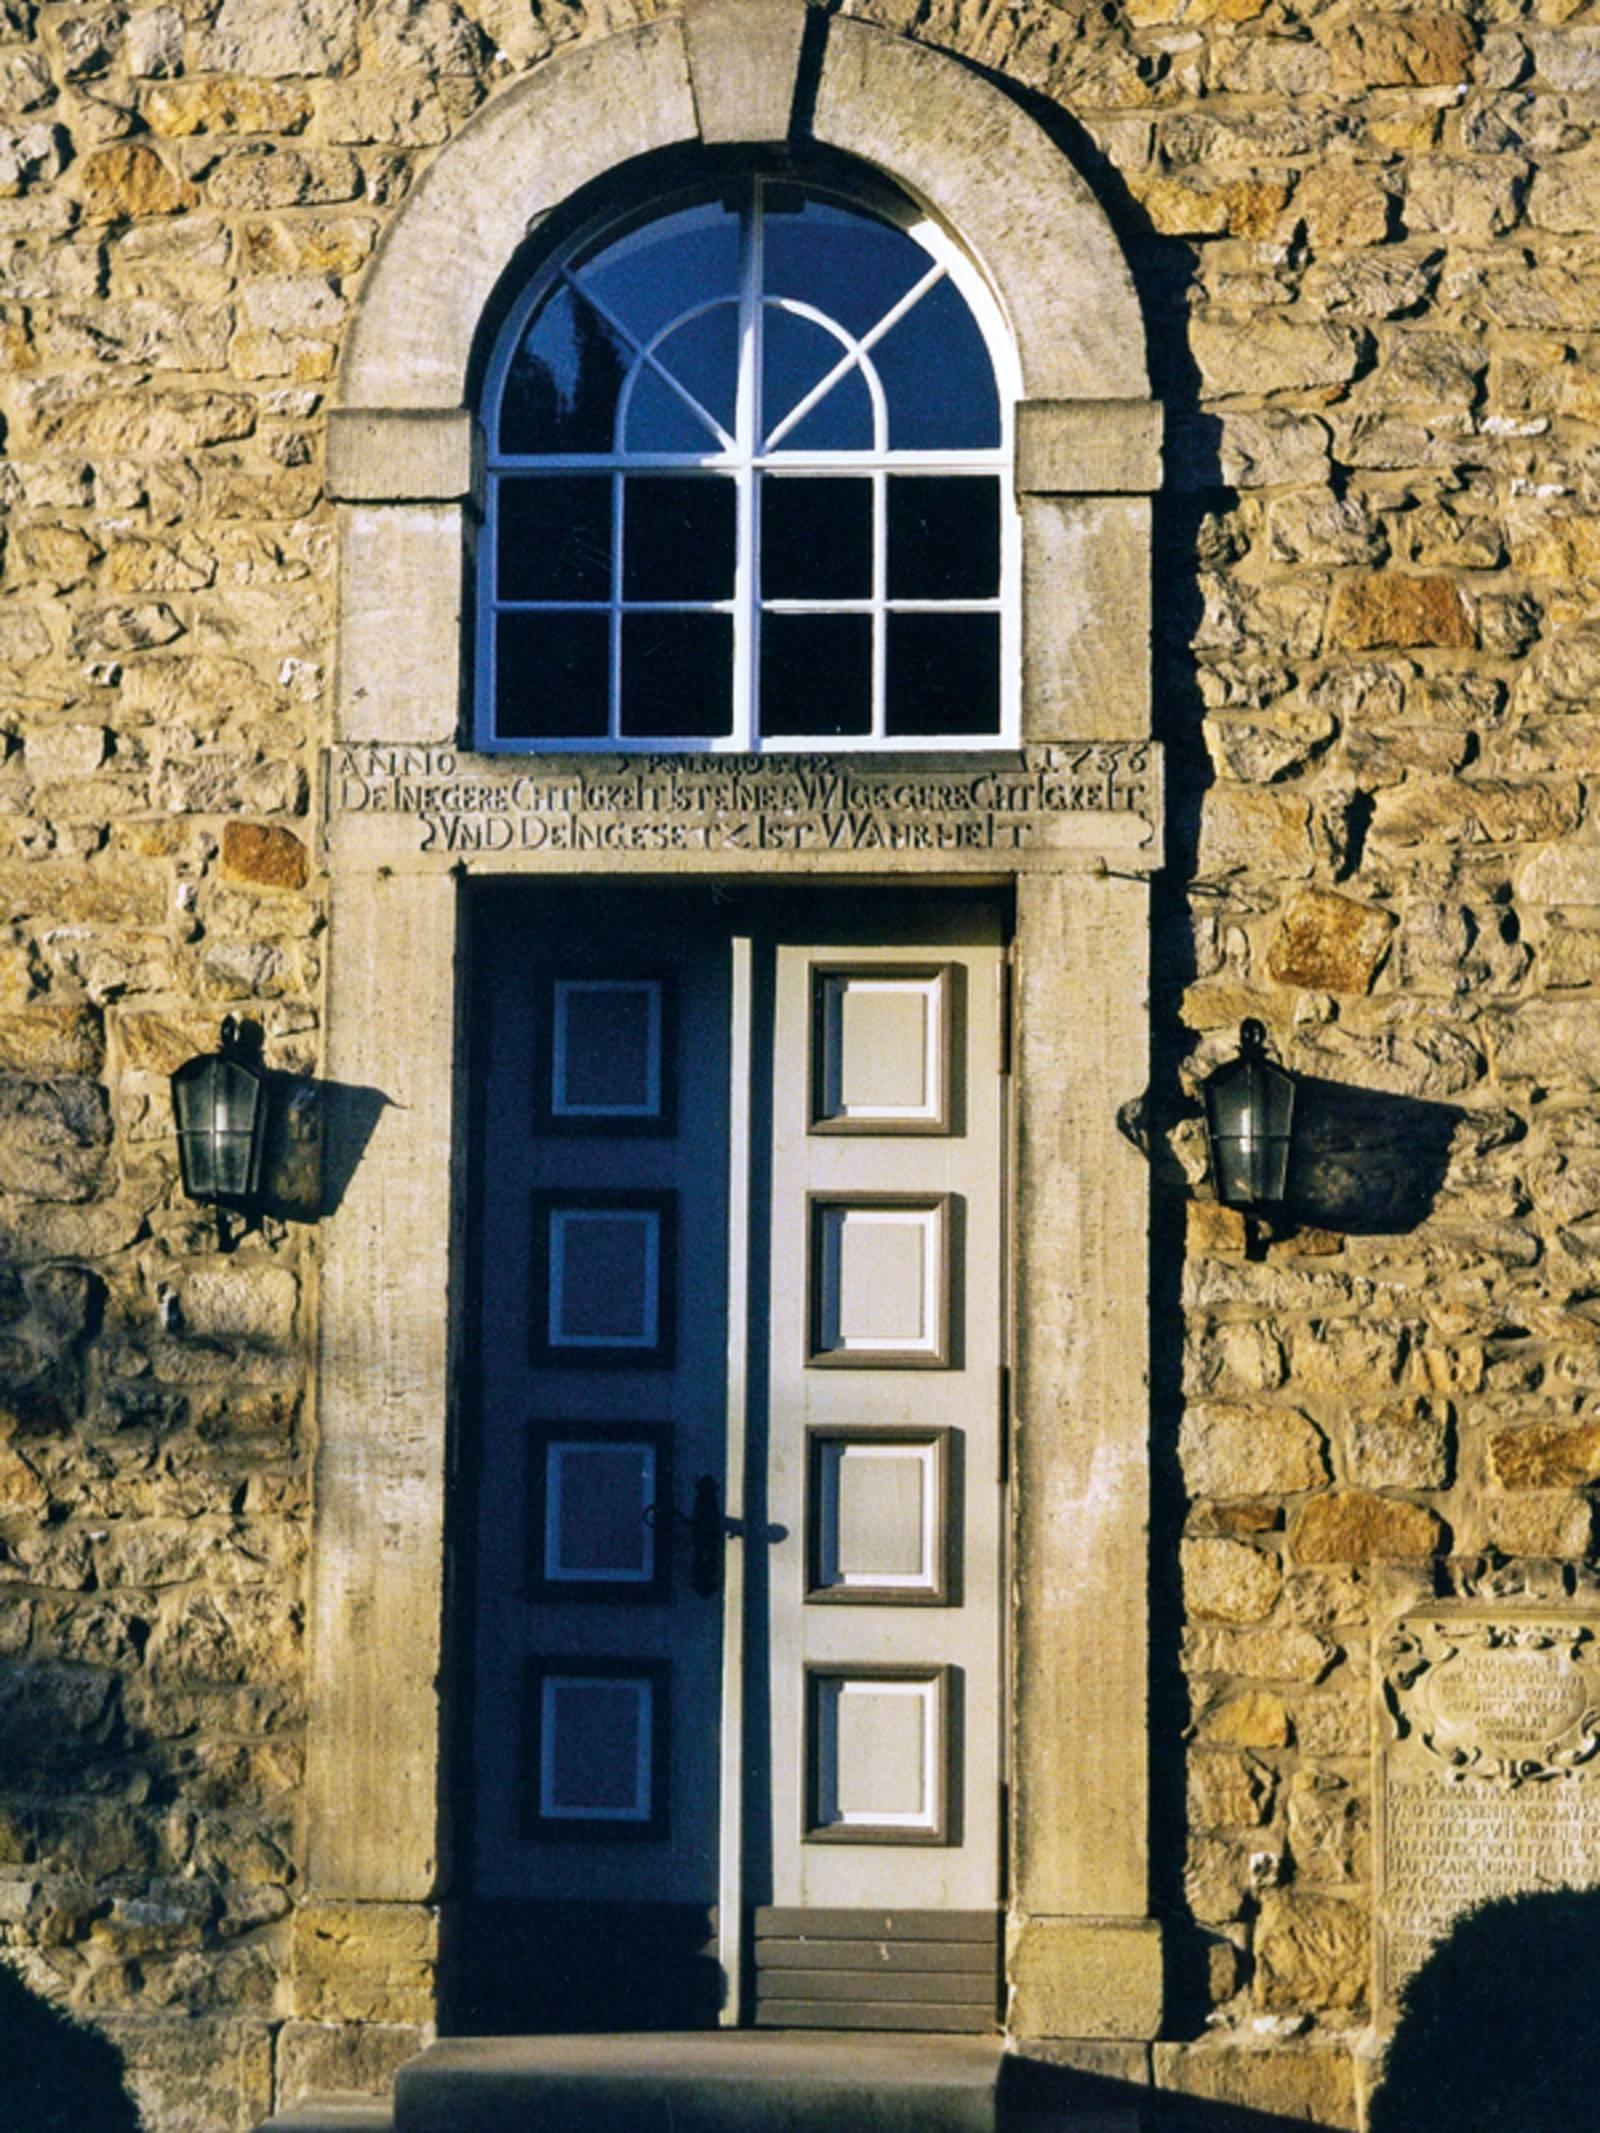 Hohe alte Tür mit einem Rundbogenfenster über dem Türzsturz in einem aus Bruchsteinen gemauerten Gebäude